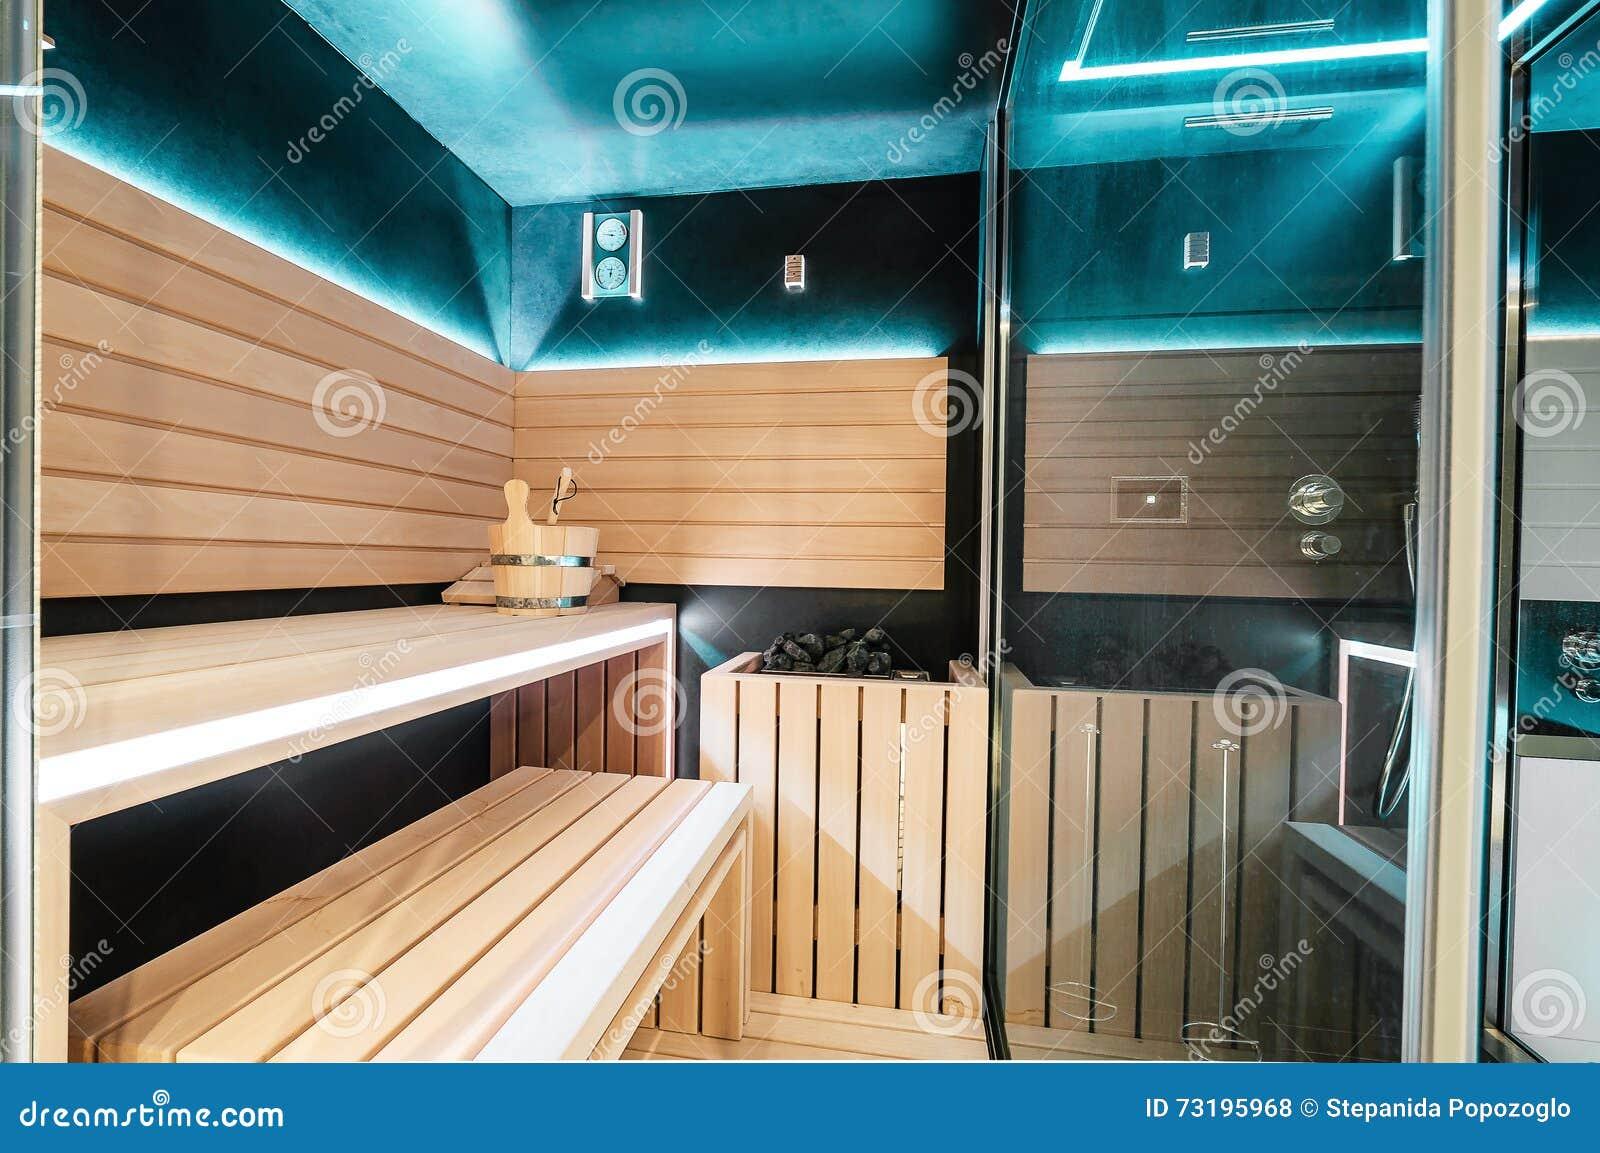 Moderne Lampen 68 : Moderne finnische sauna mit neonlichtern schönes innenhaus f